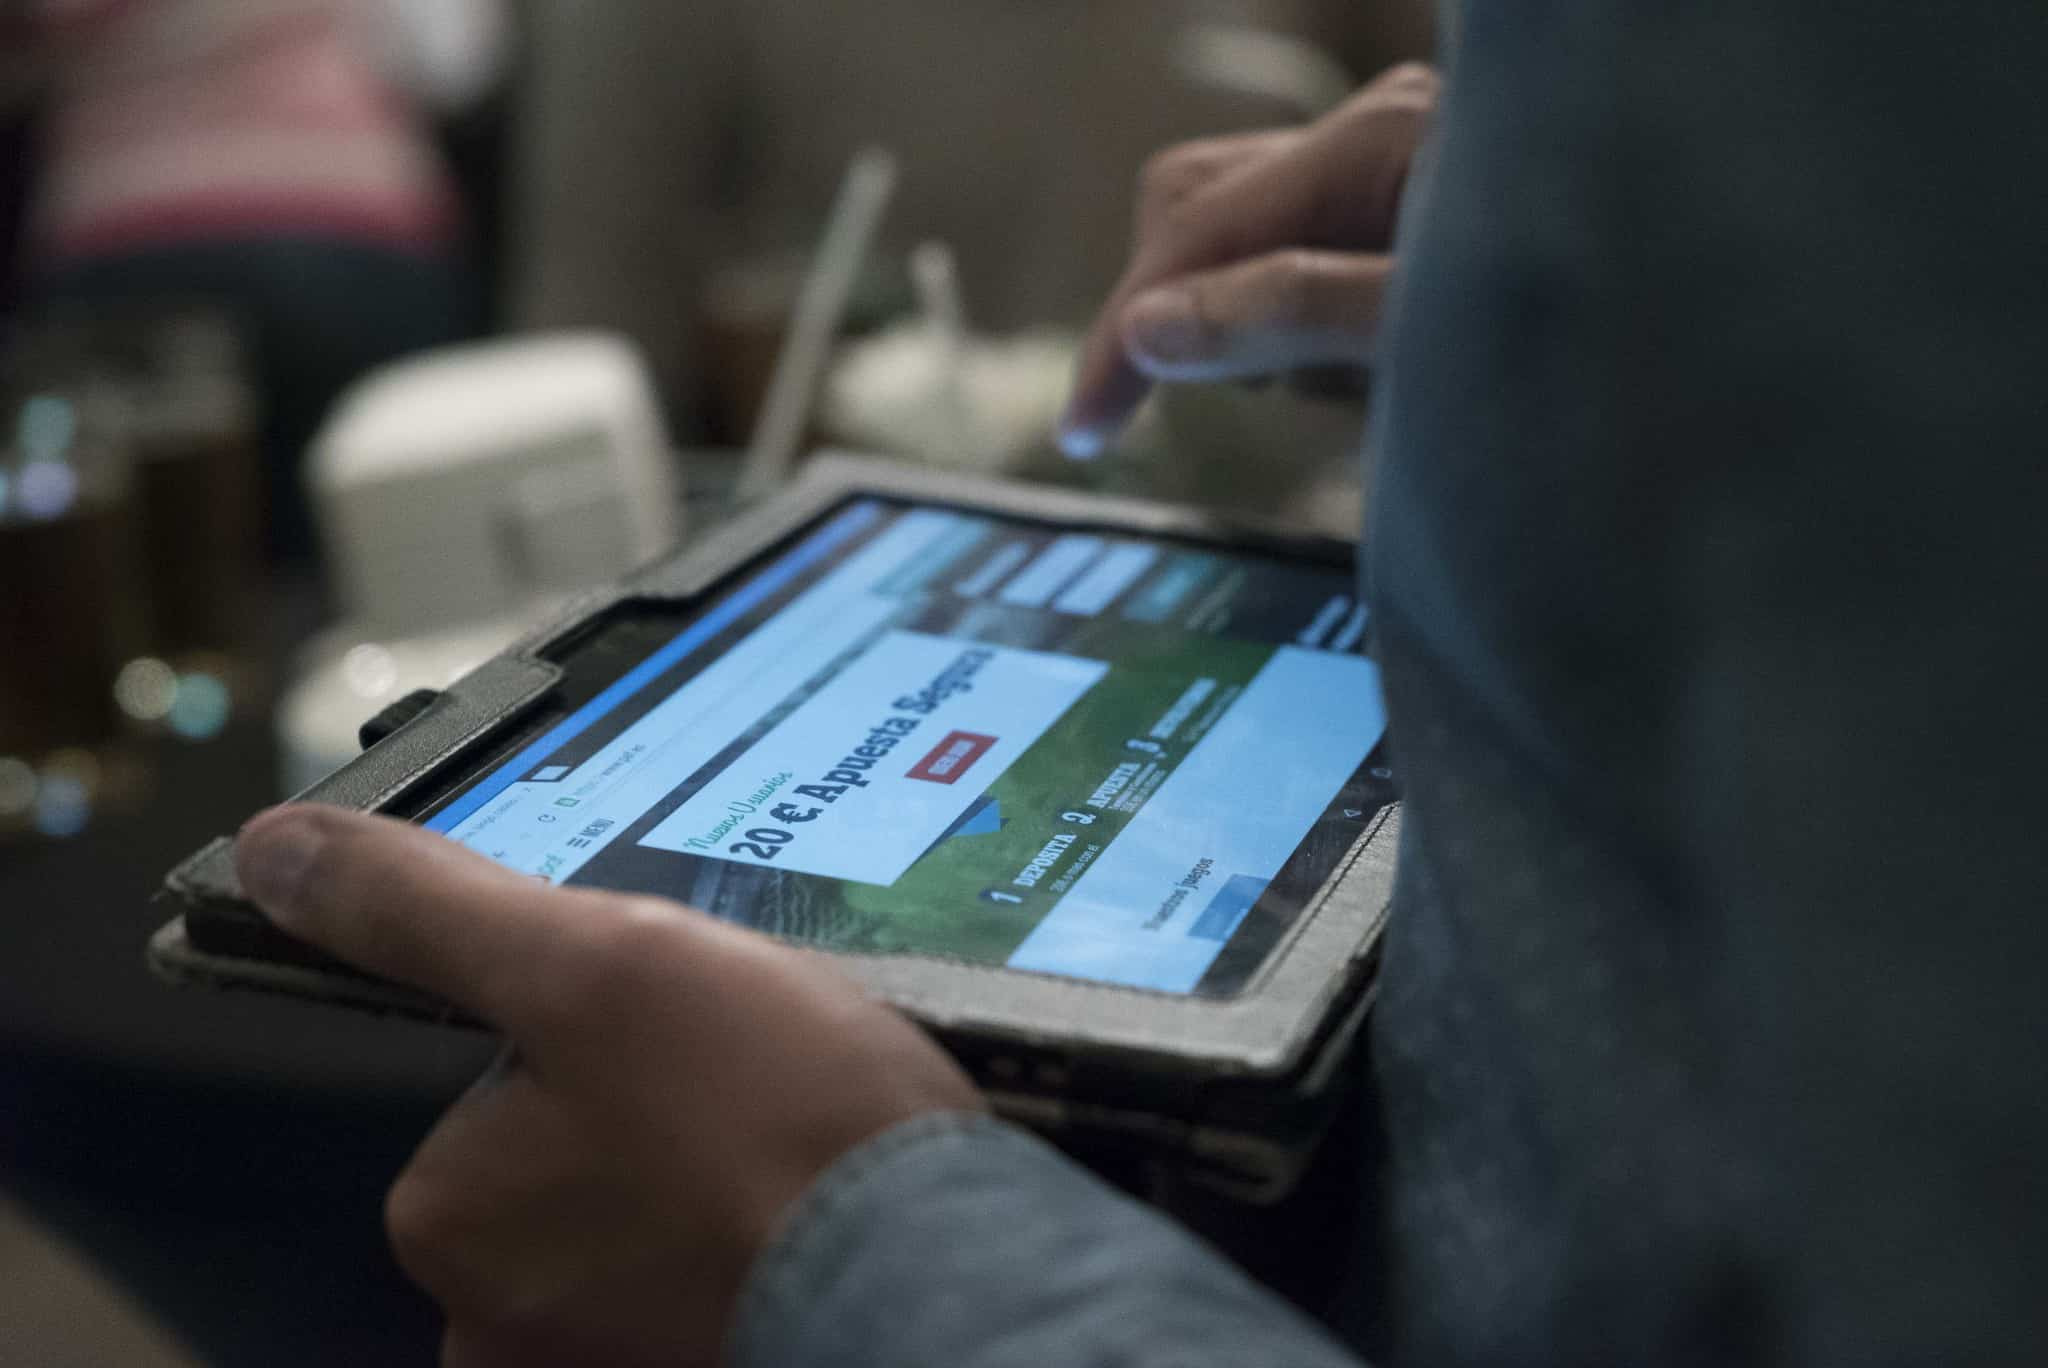 Las apuestas online crecieron un 16,6% en el tercer trimestre del año 1